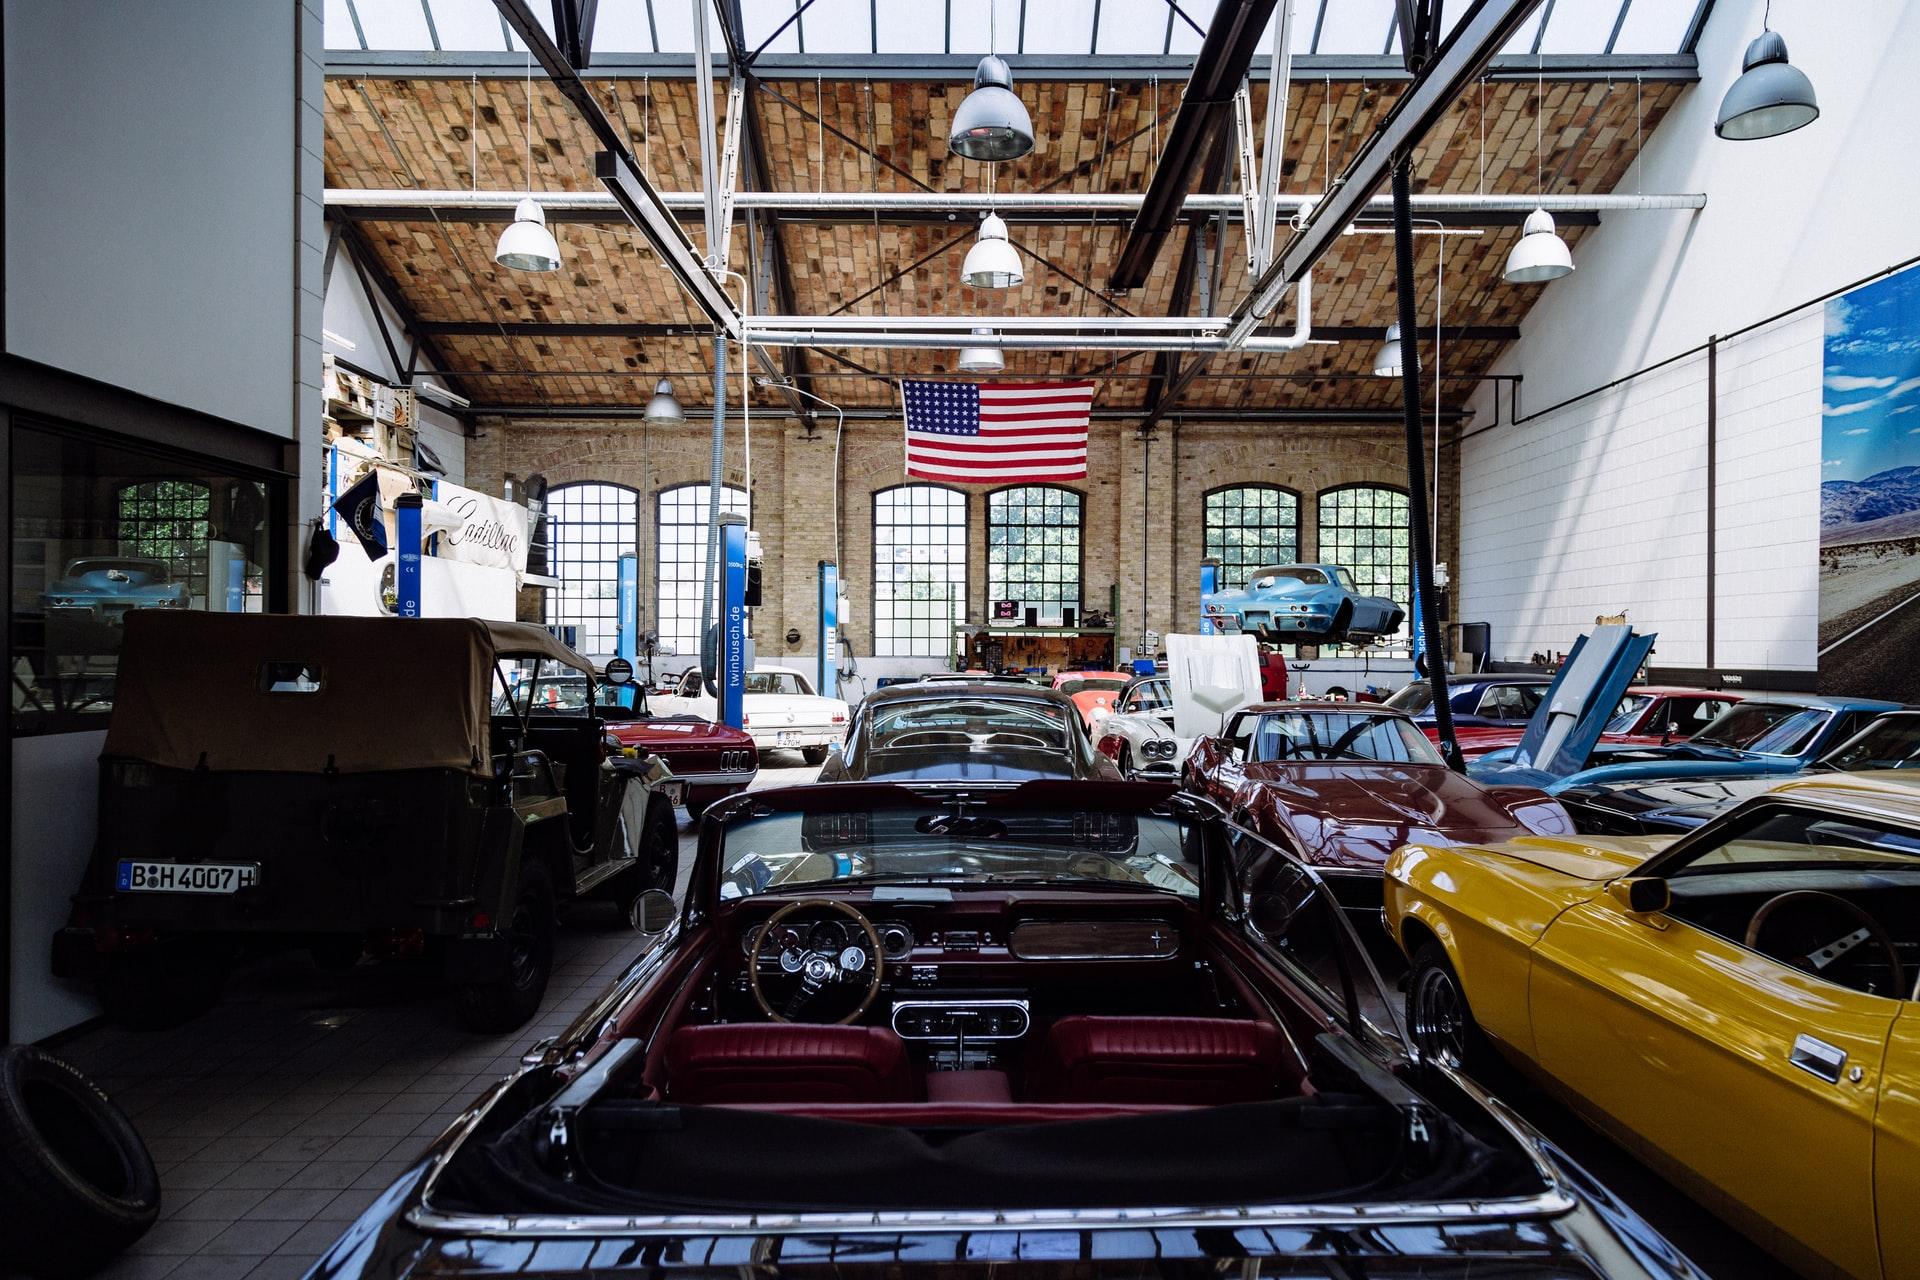 Black Friday deals for garage